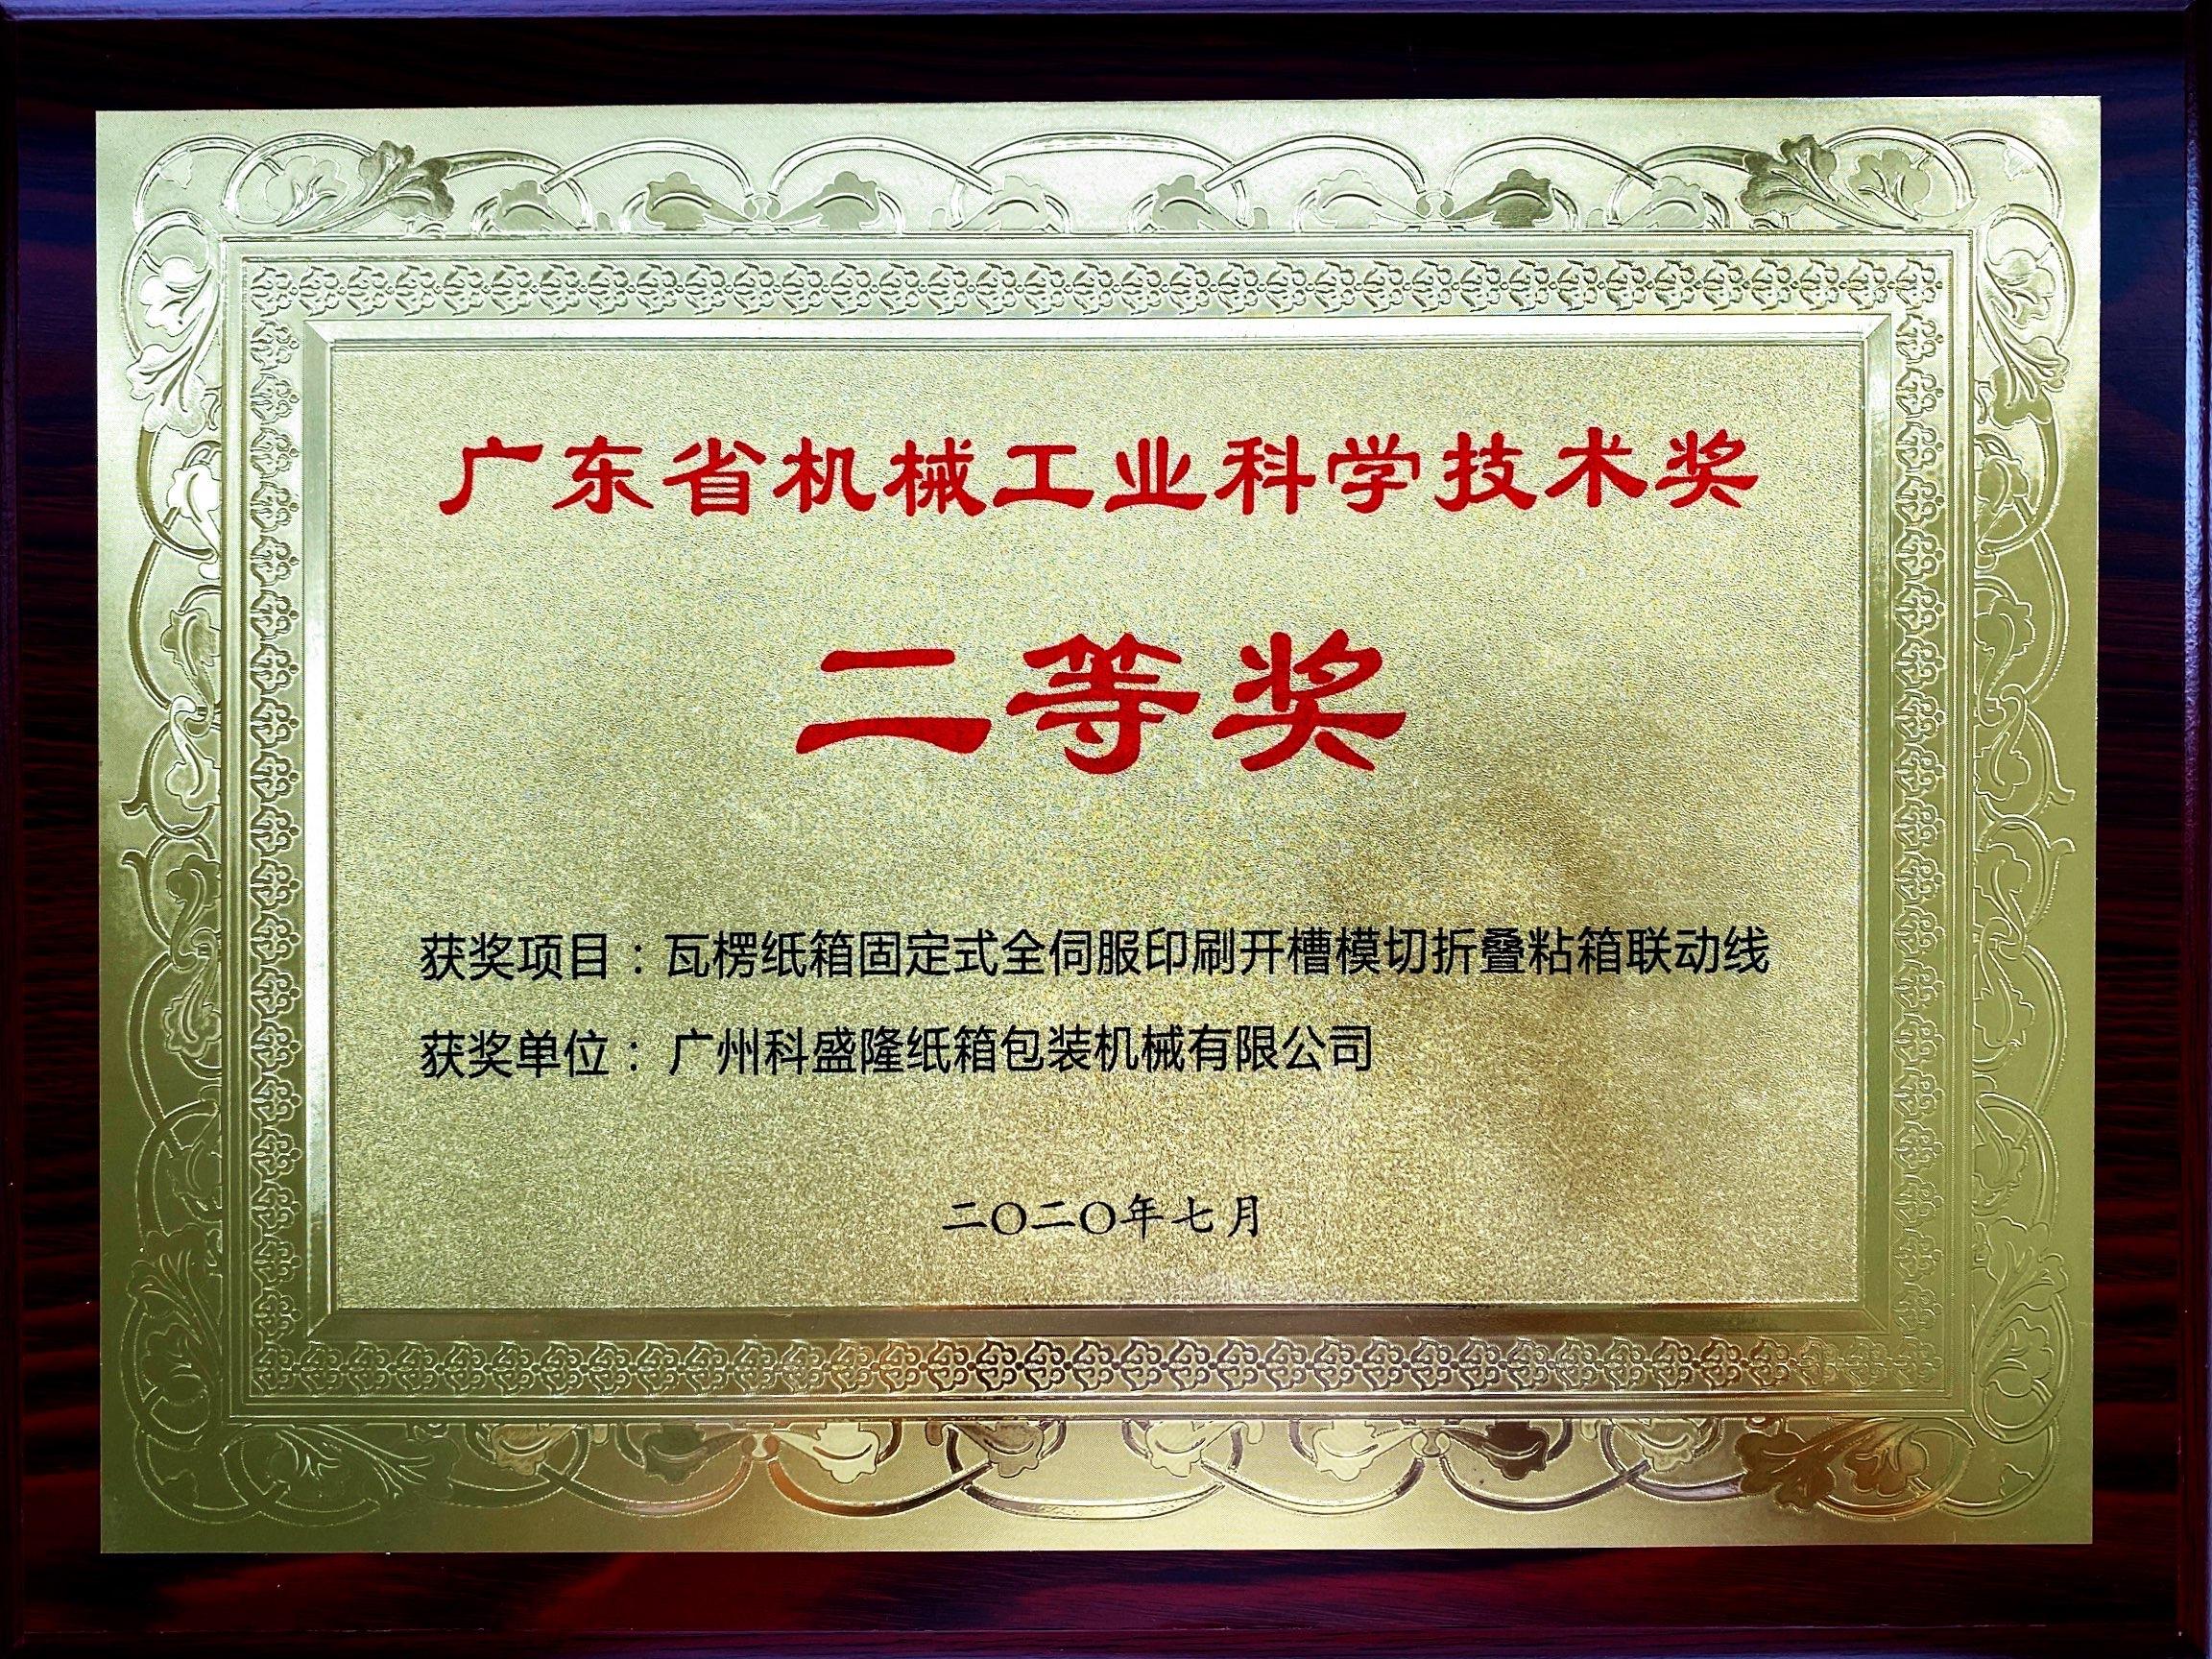 廣東省機械工程學會科學技術獎